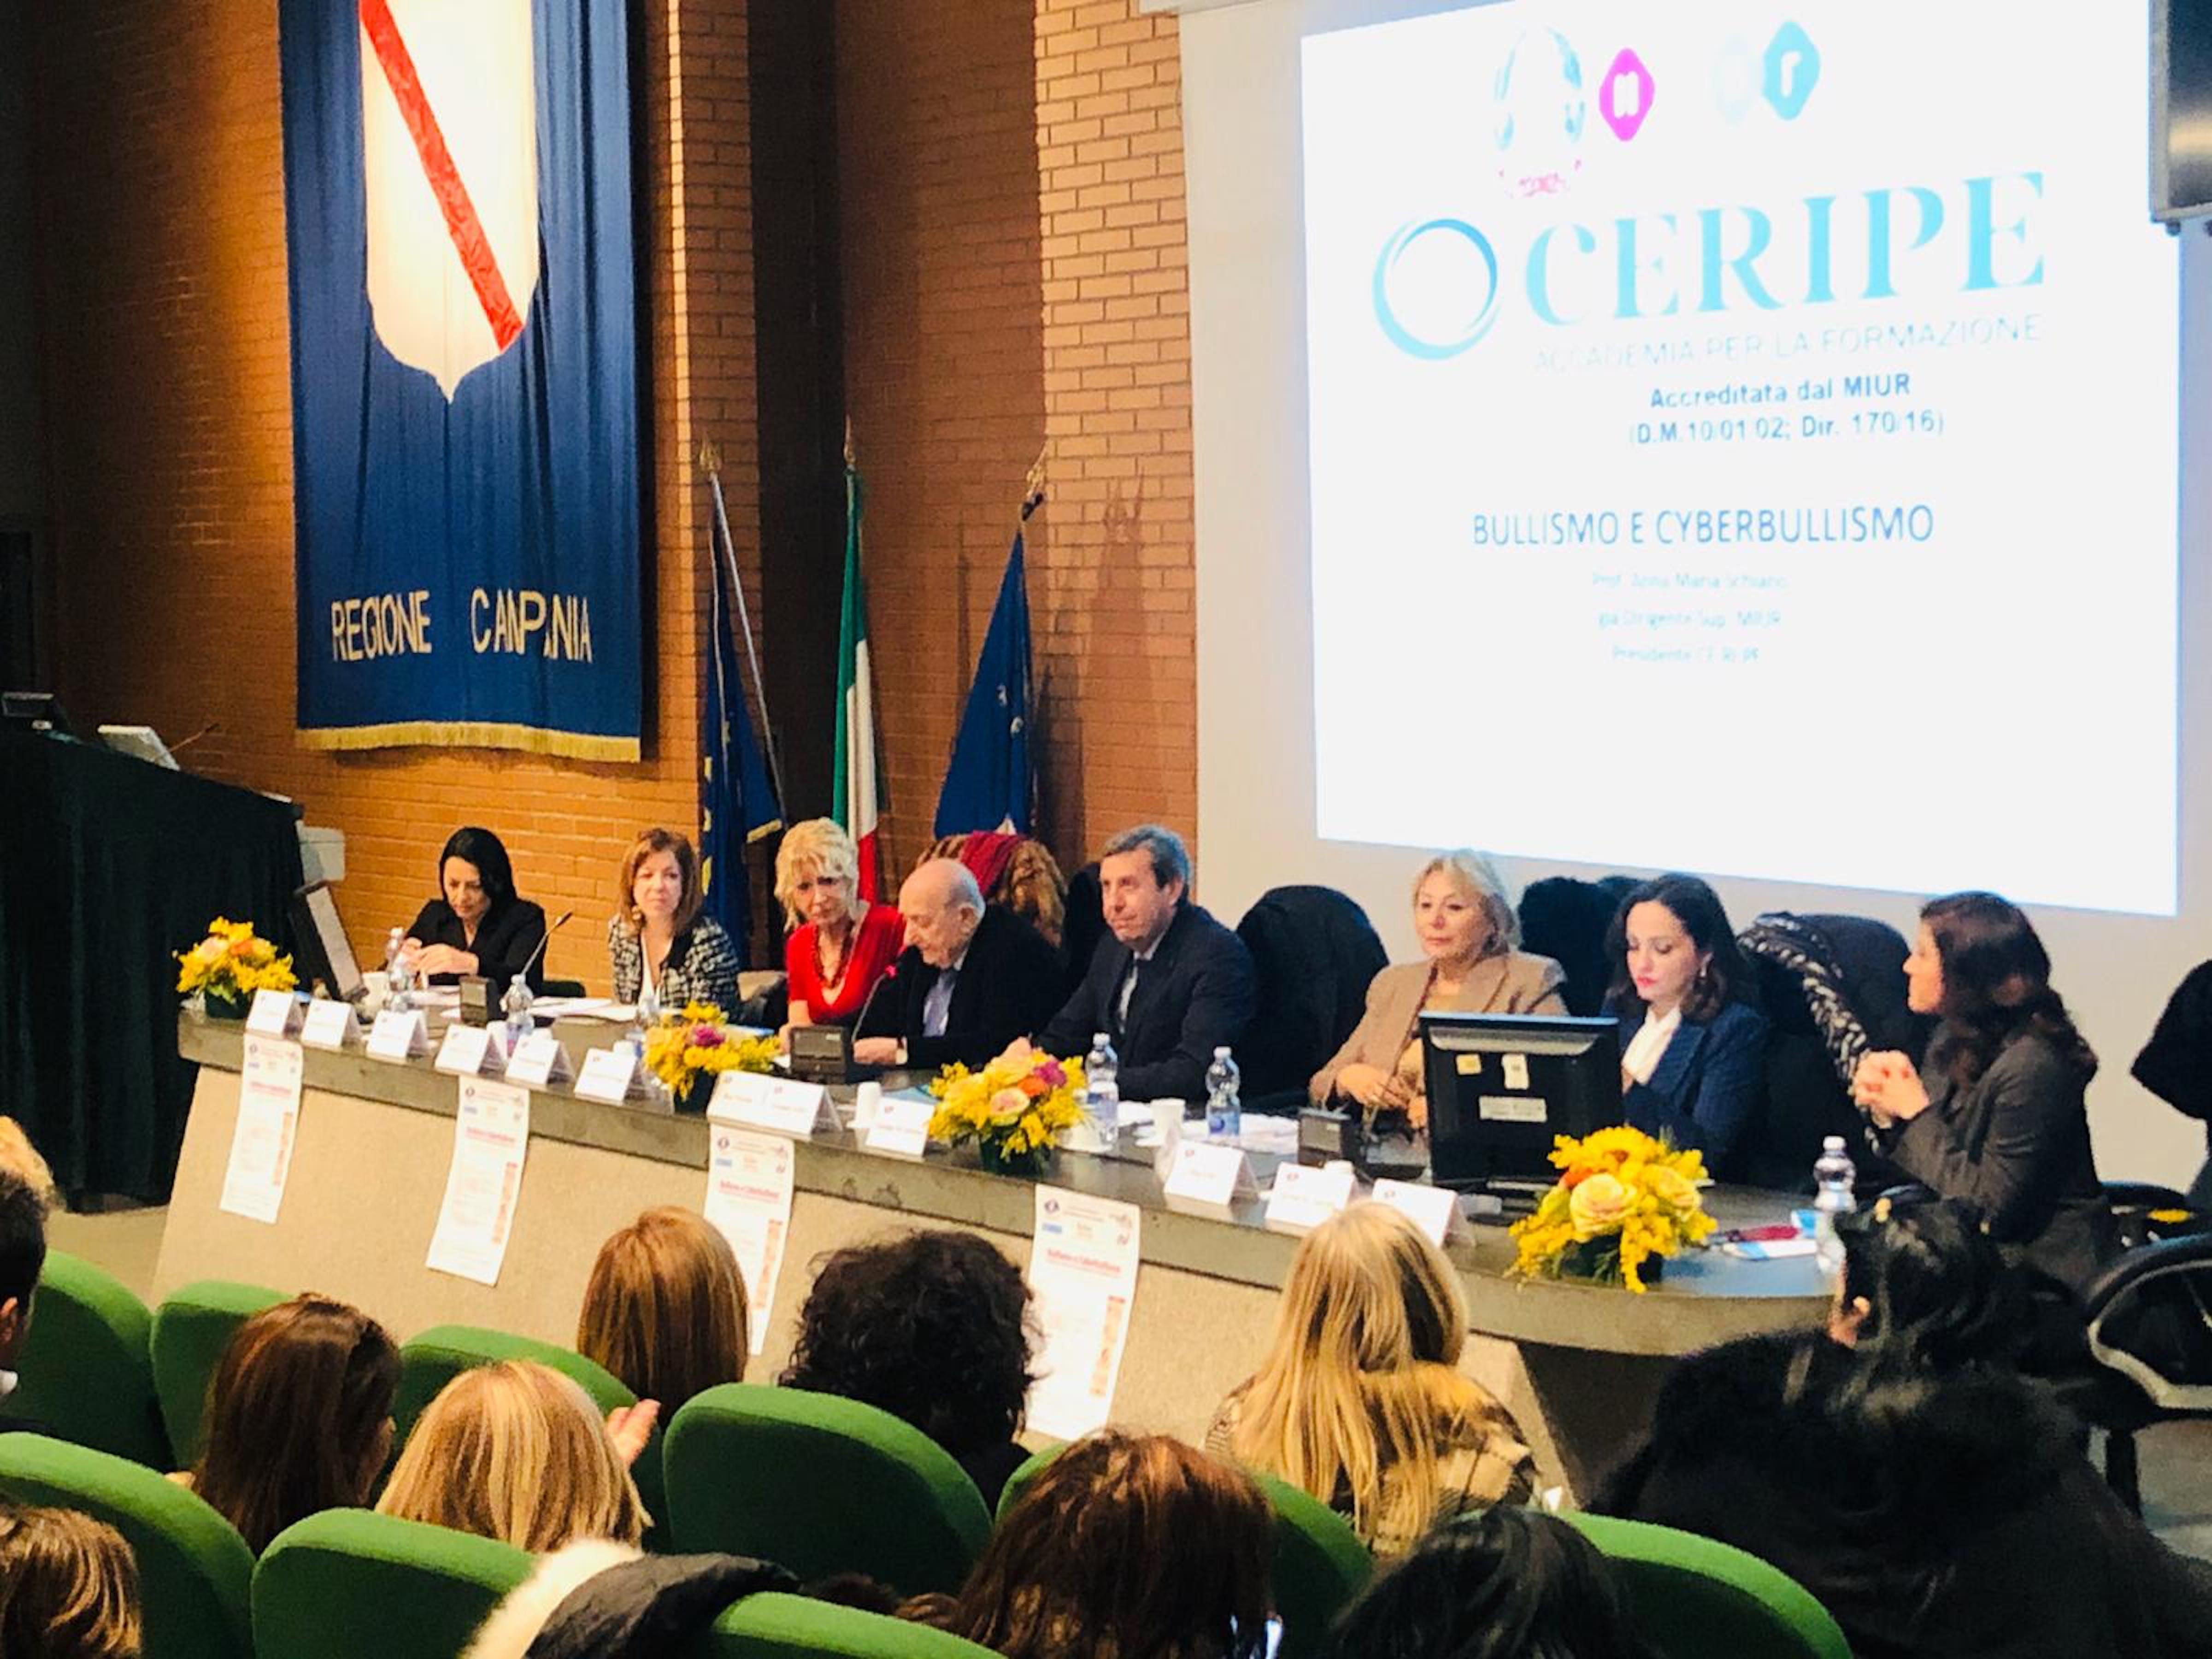 Il presidente dell'UNICEF Italia Samengo durante il convegno sul cyberbullismo a Napoli